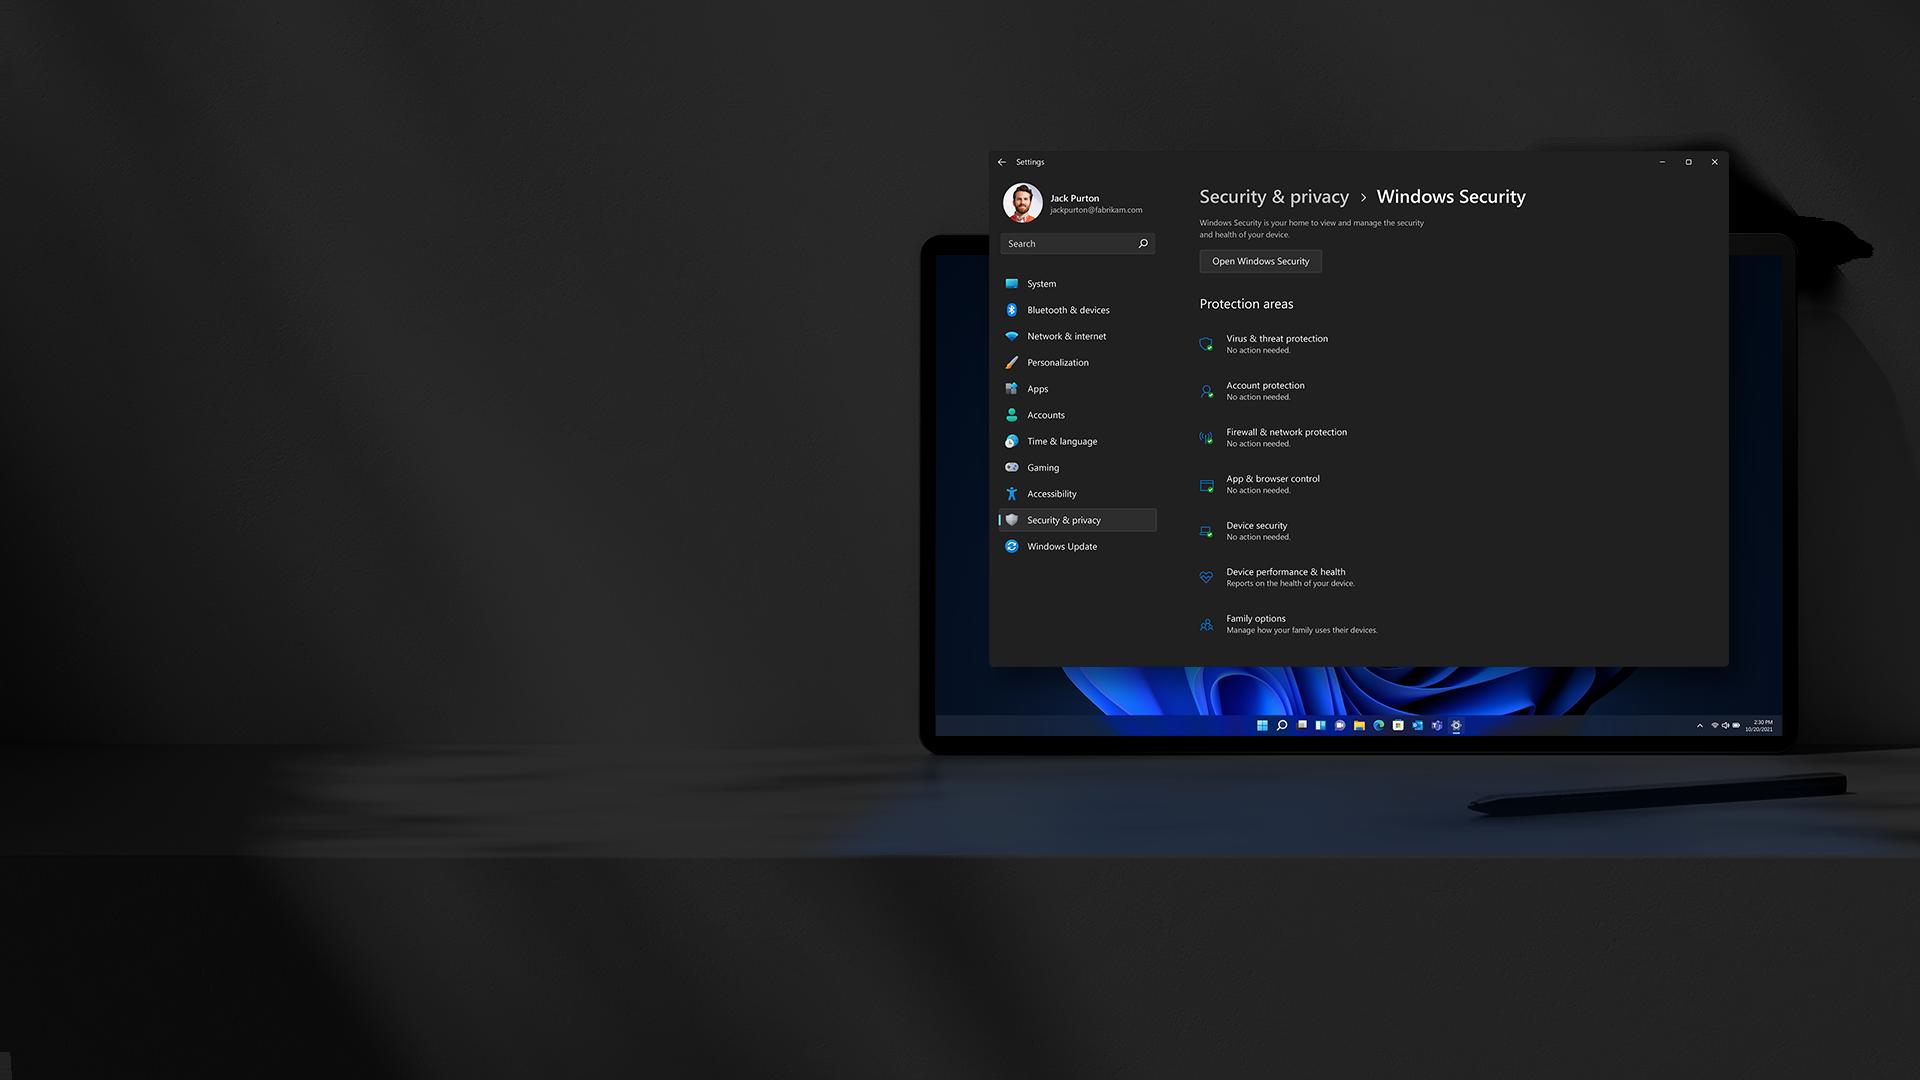 Tela de segurança do Windows 11 em um dispositivo Windows